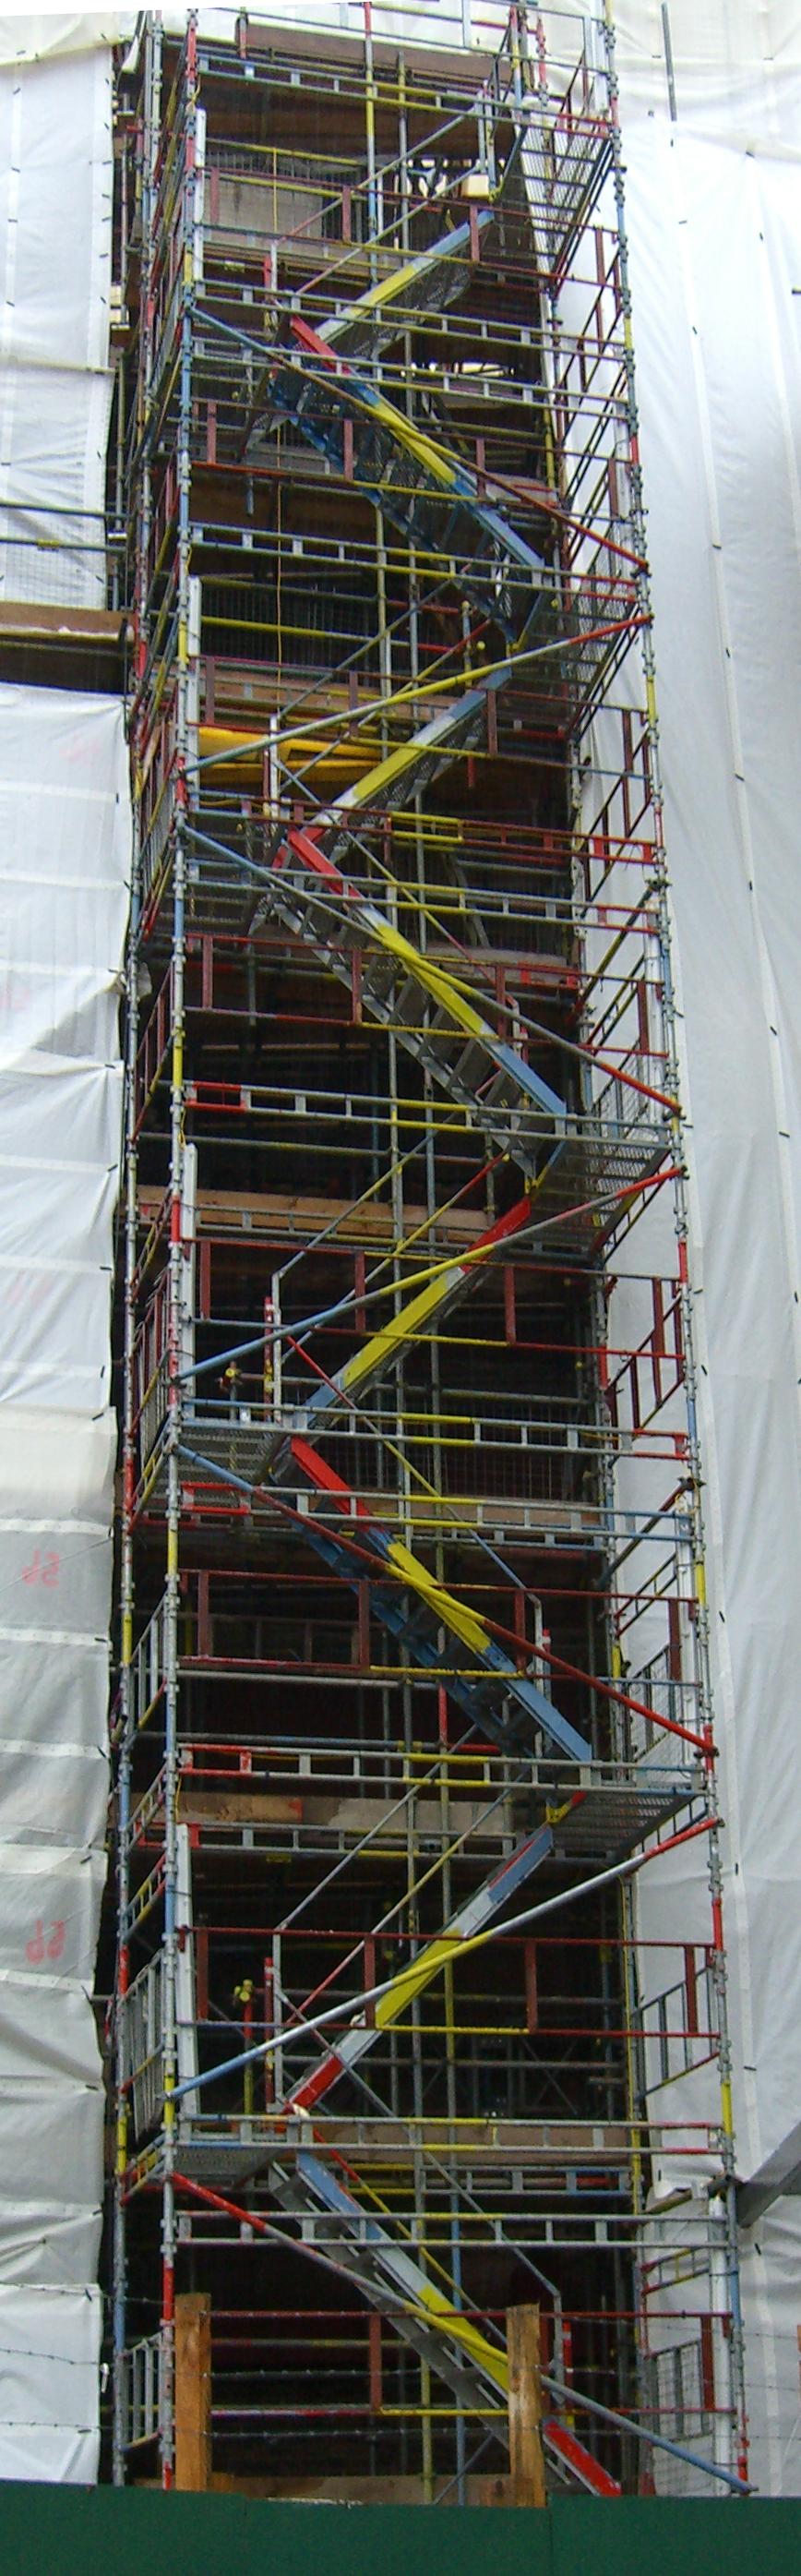 ladders0224 cropped.jpg